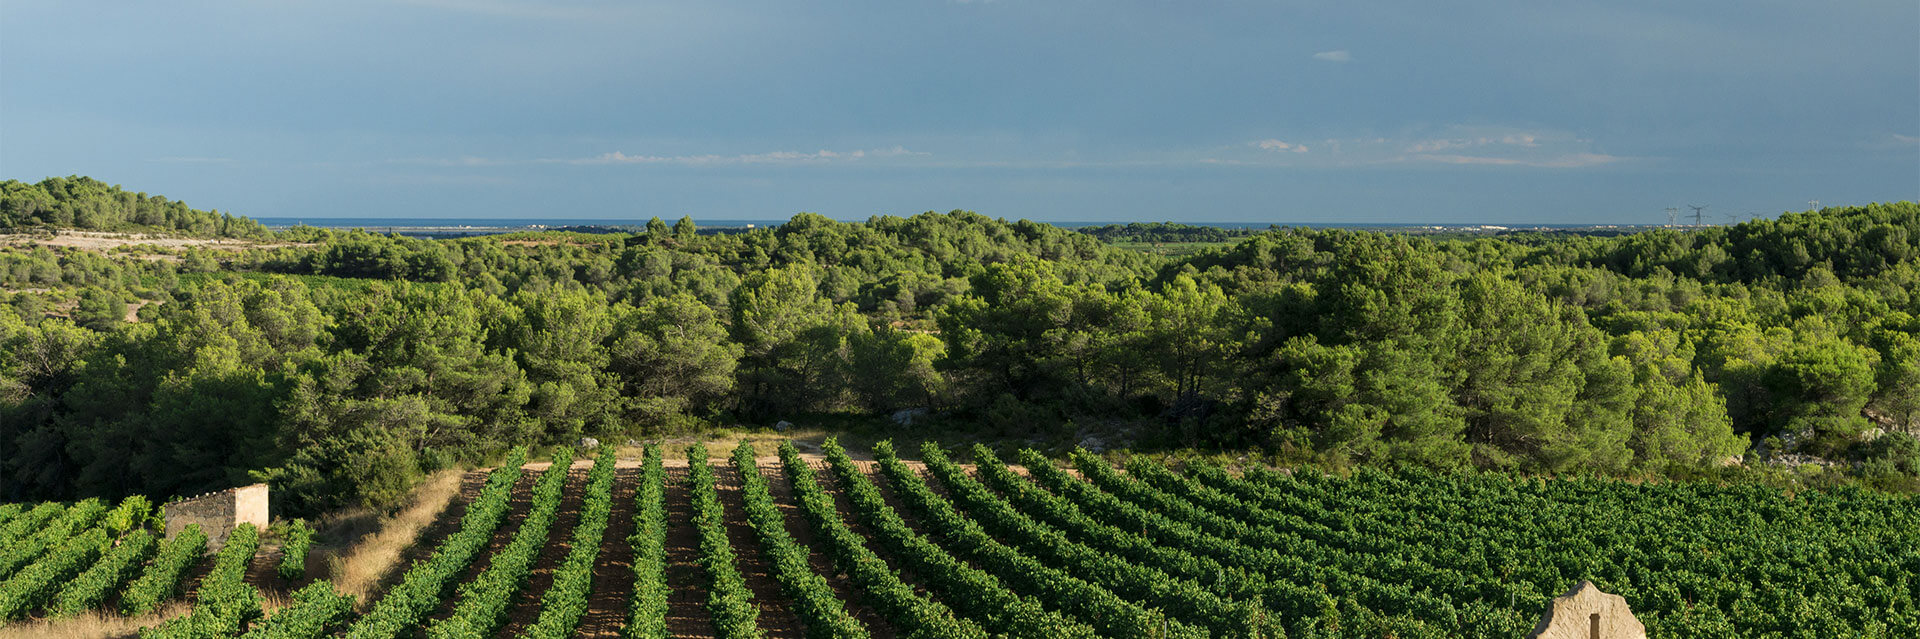 Les vignerons Montagnac Domitienne évoluent dans un univers chargé d'histoire